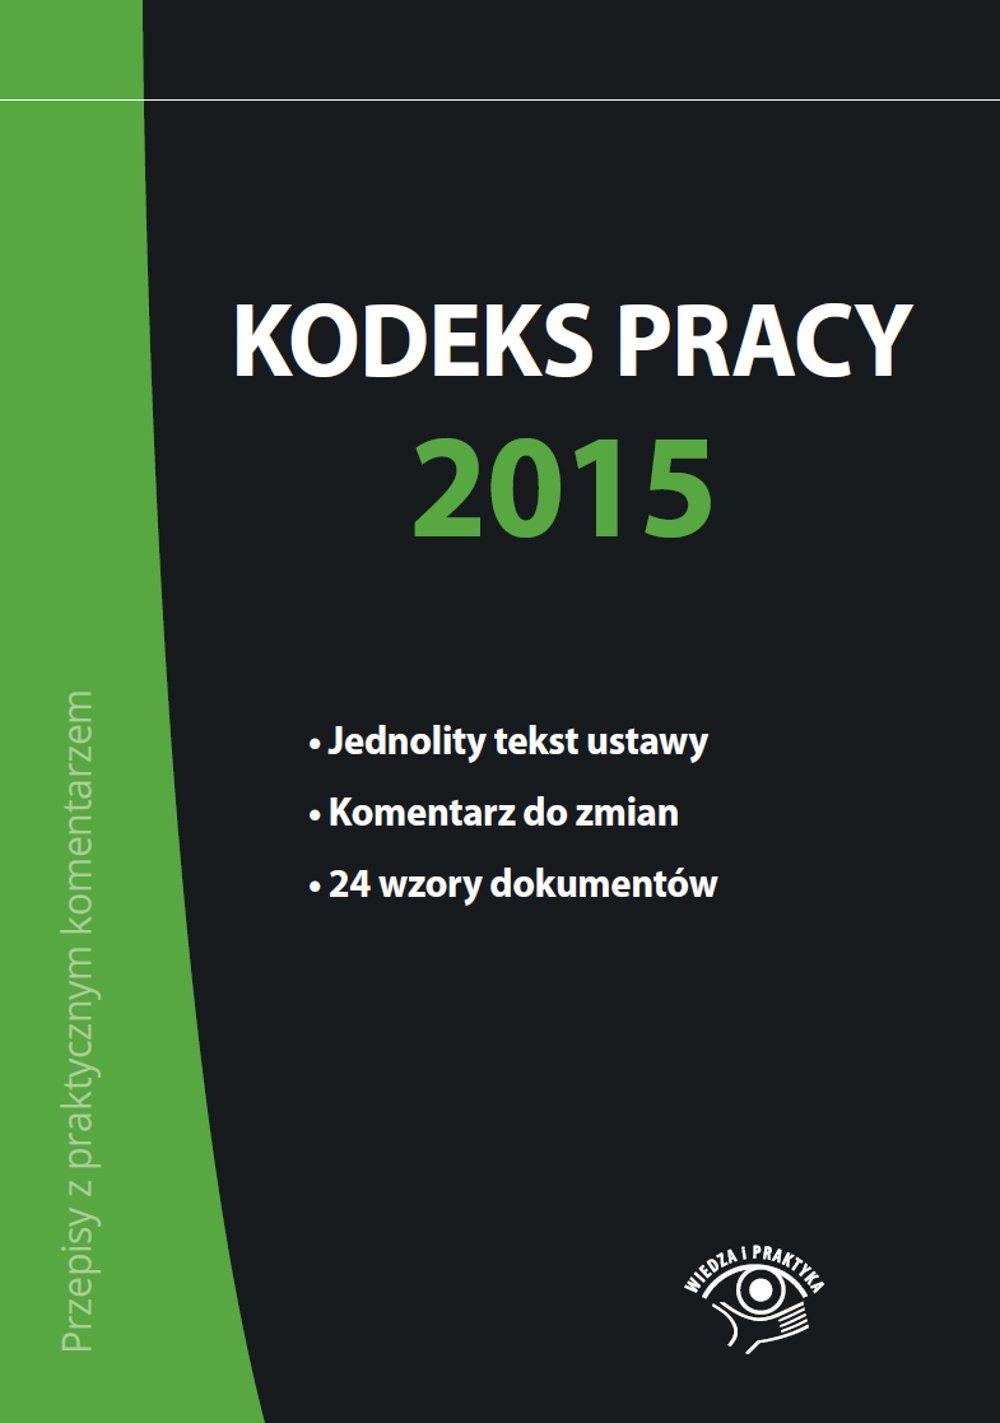 Kodeks pracy 2015 - Ebook (Książka na Kindle) do pobrania w formacie MOBI